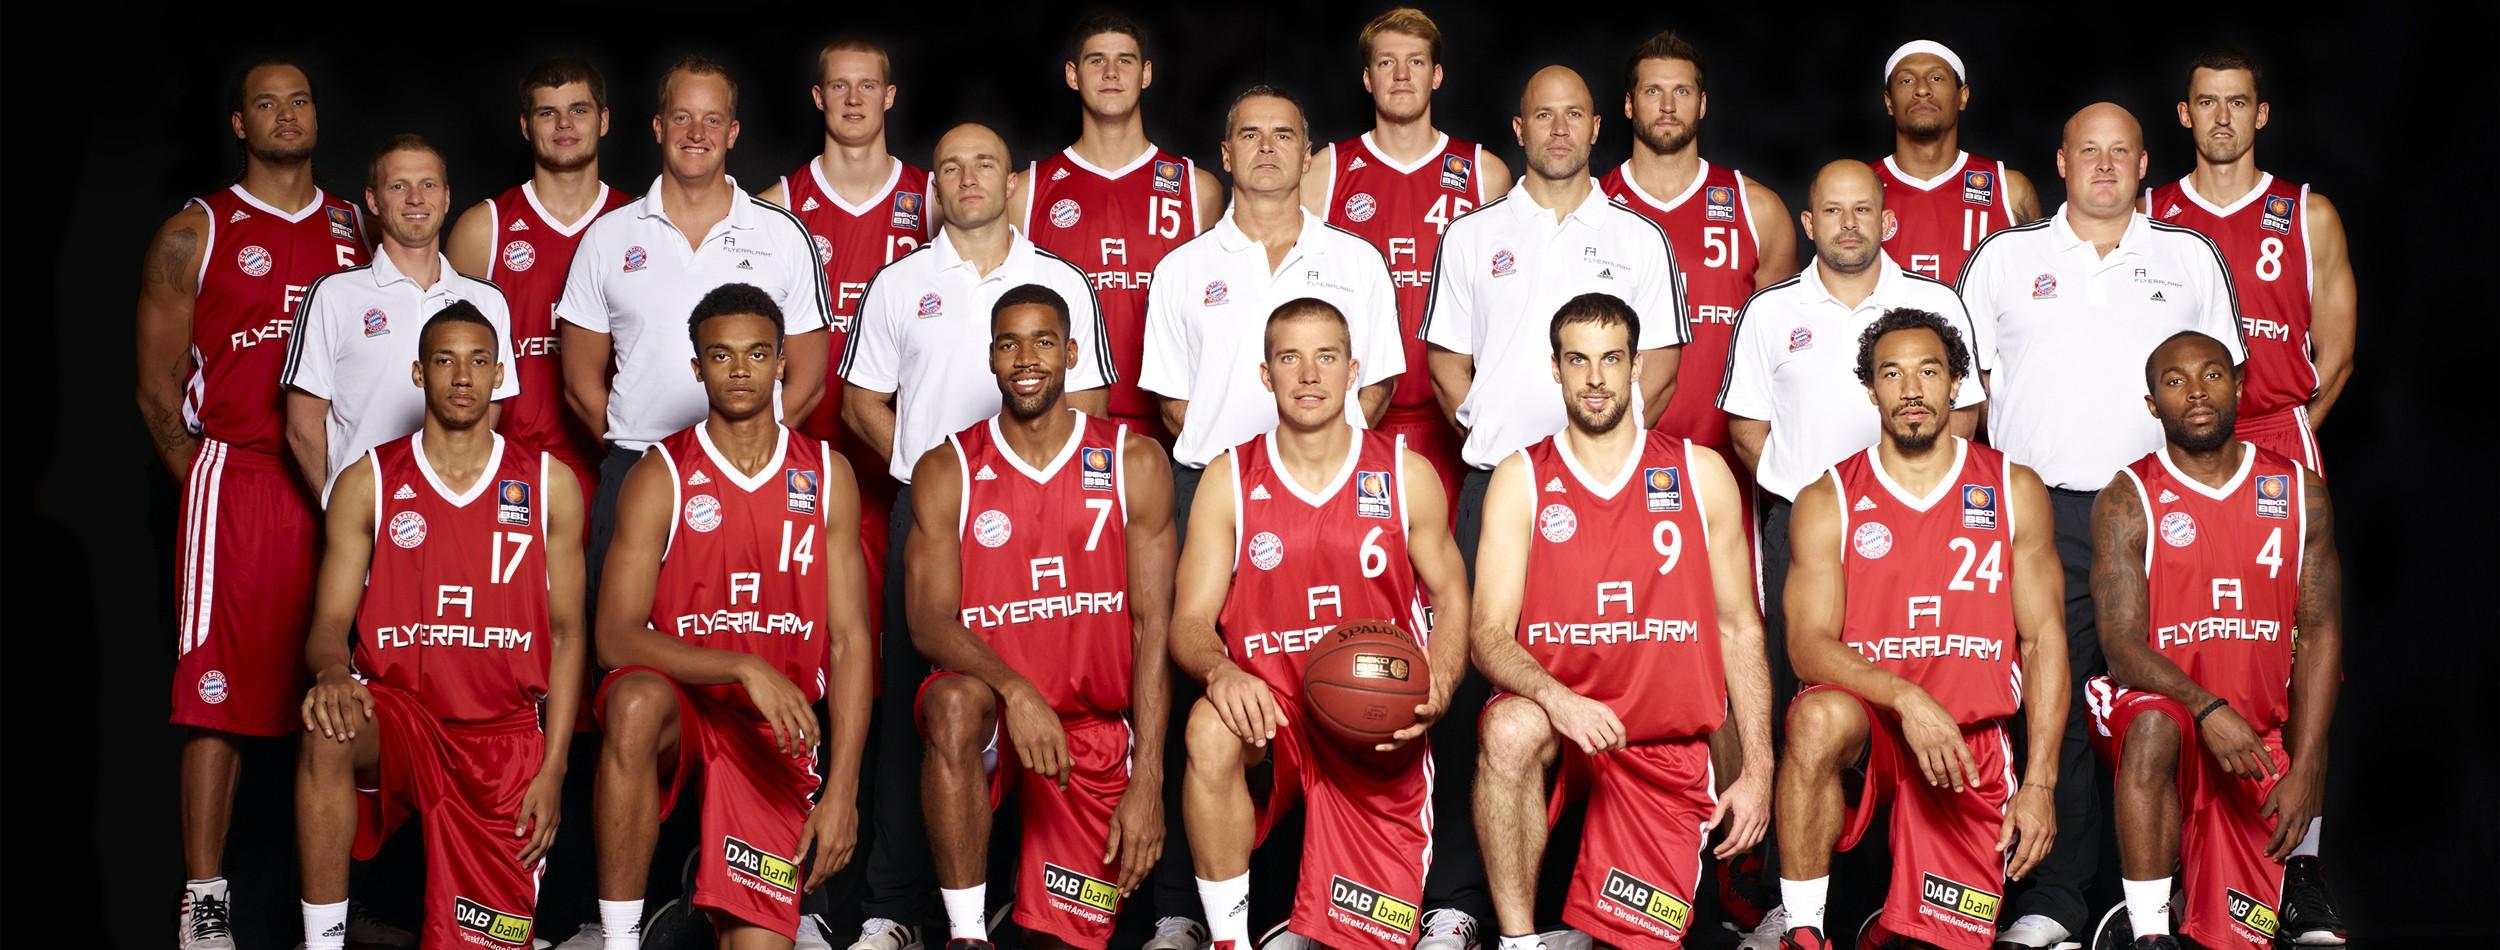 fc bayer basketball